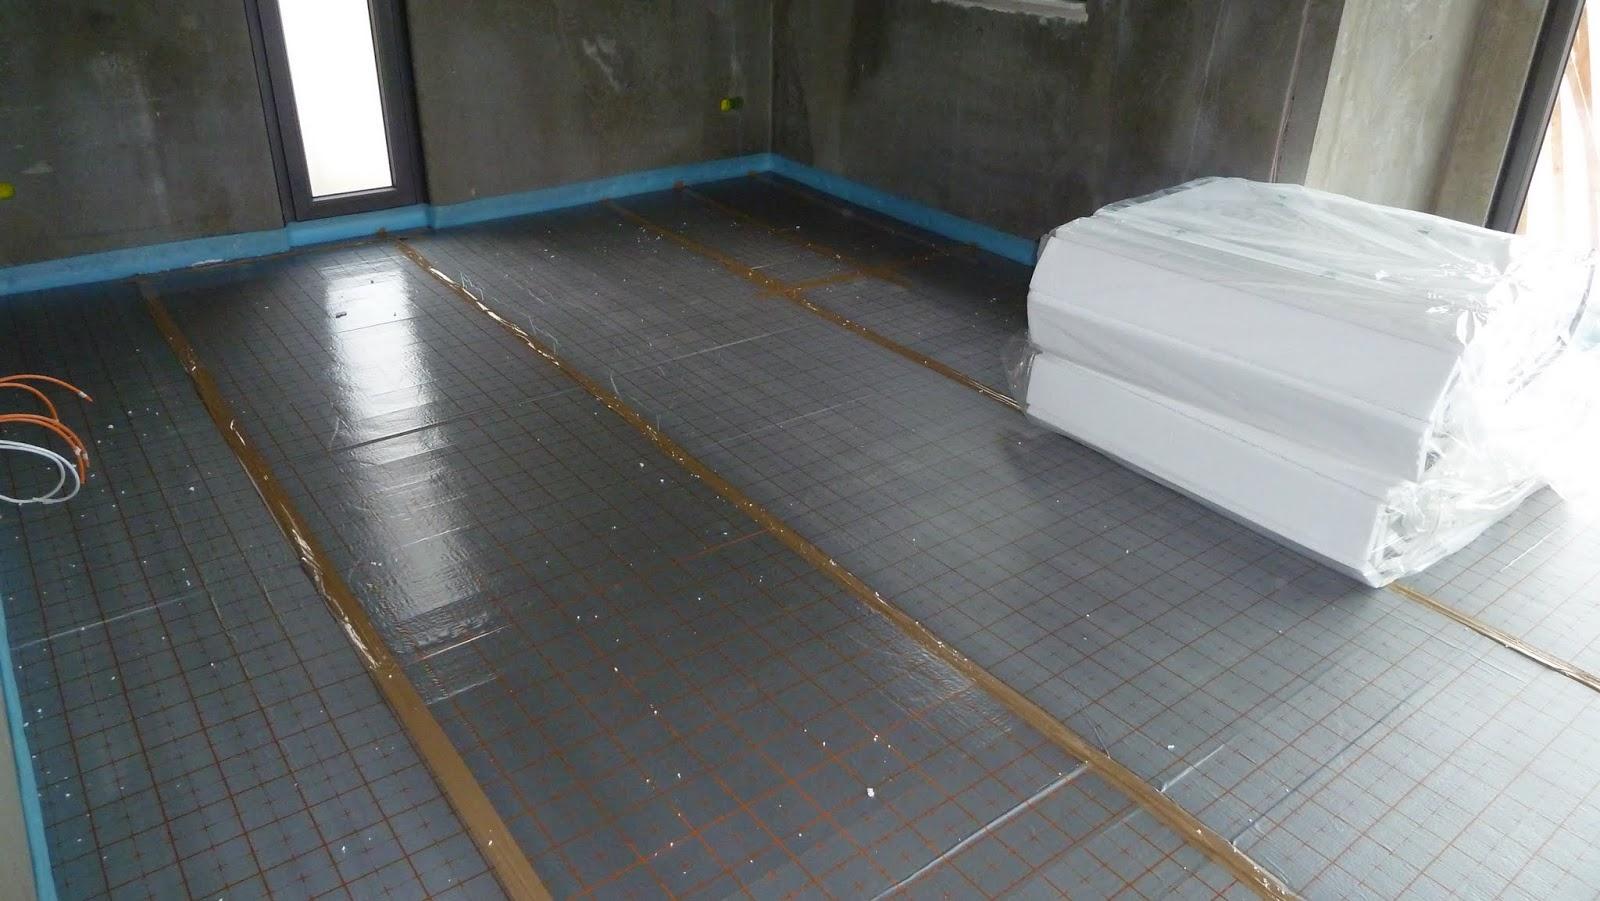 hausbau von christian und jeannette mit der firma deko hausbau gmbh fu bodenheizung. Black Bedroom Furniture Sets. Home Design Ideas